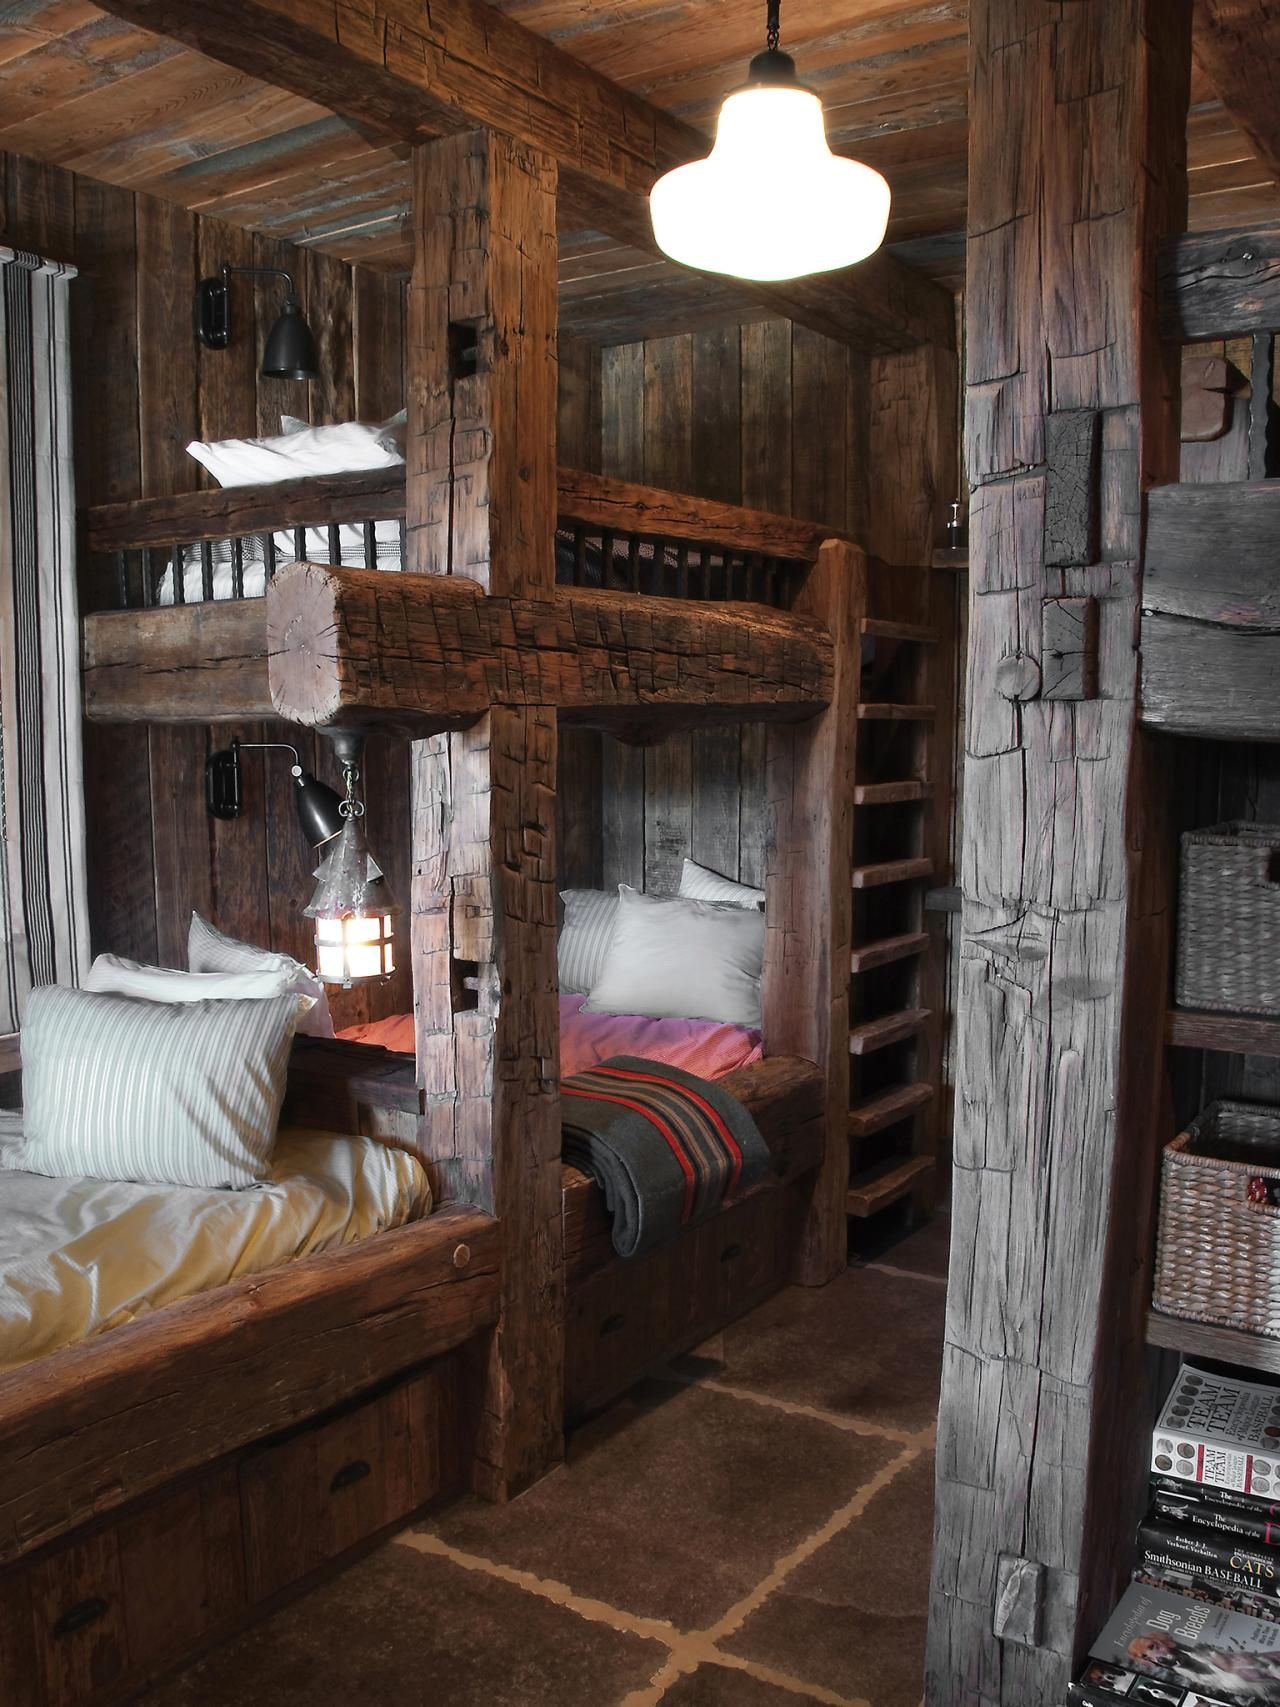 Wooden Rooms Designs: Editor's Pick: 15 Cozy Cabin Designs